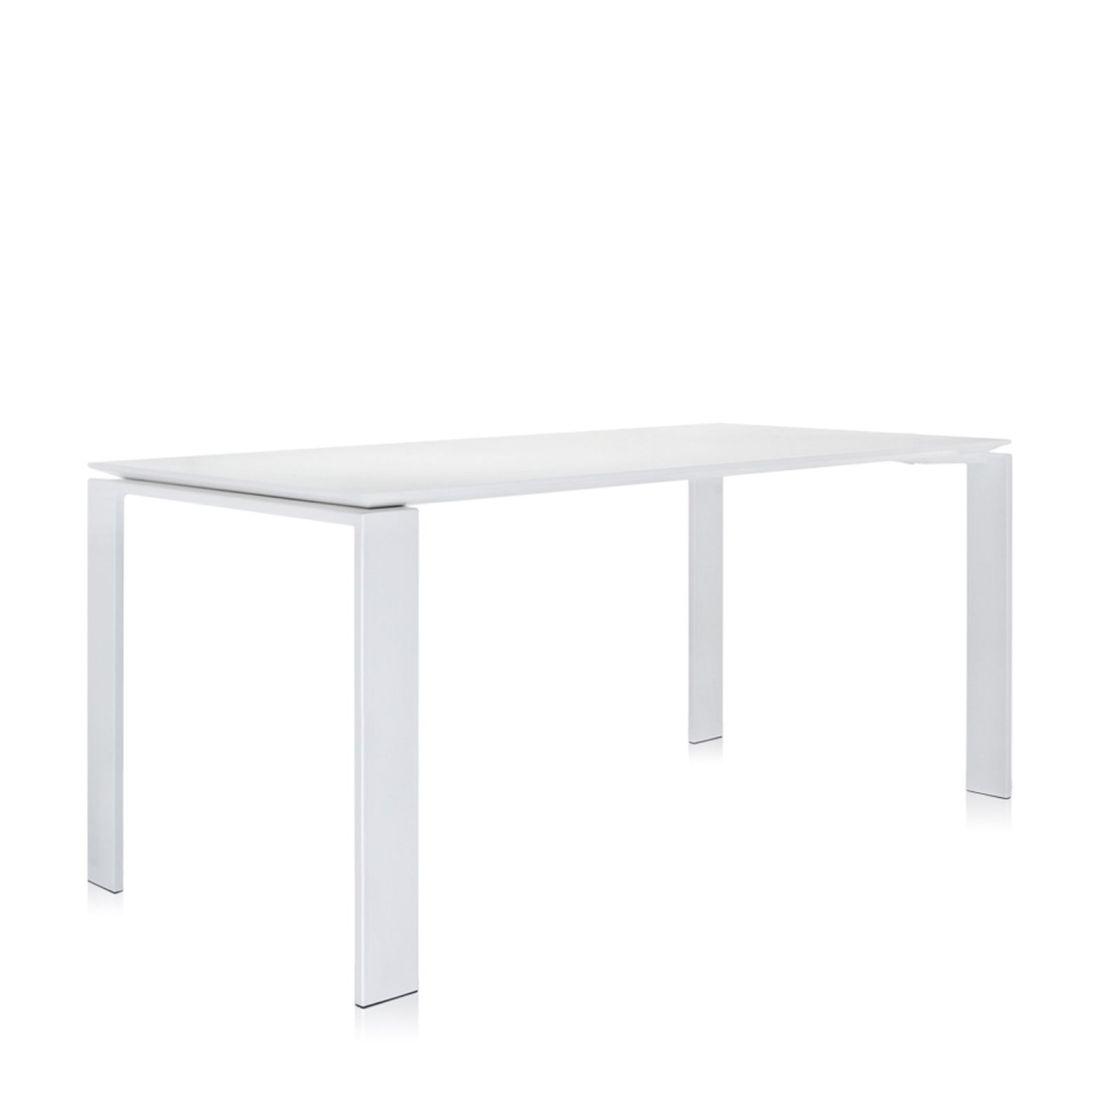 Four Tisch 158 Beine weiß / Platte weiß